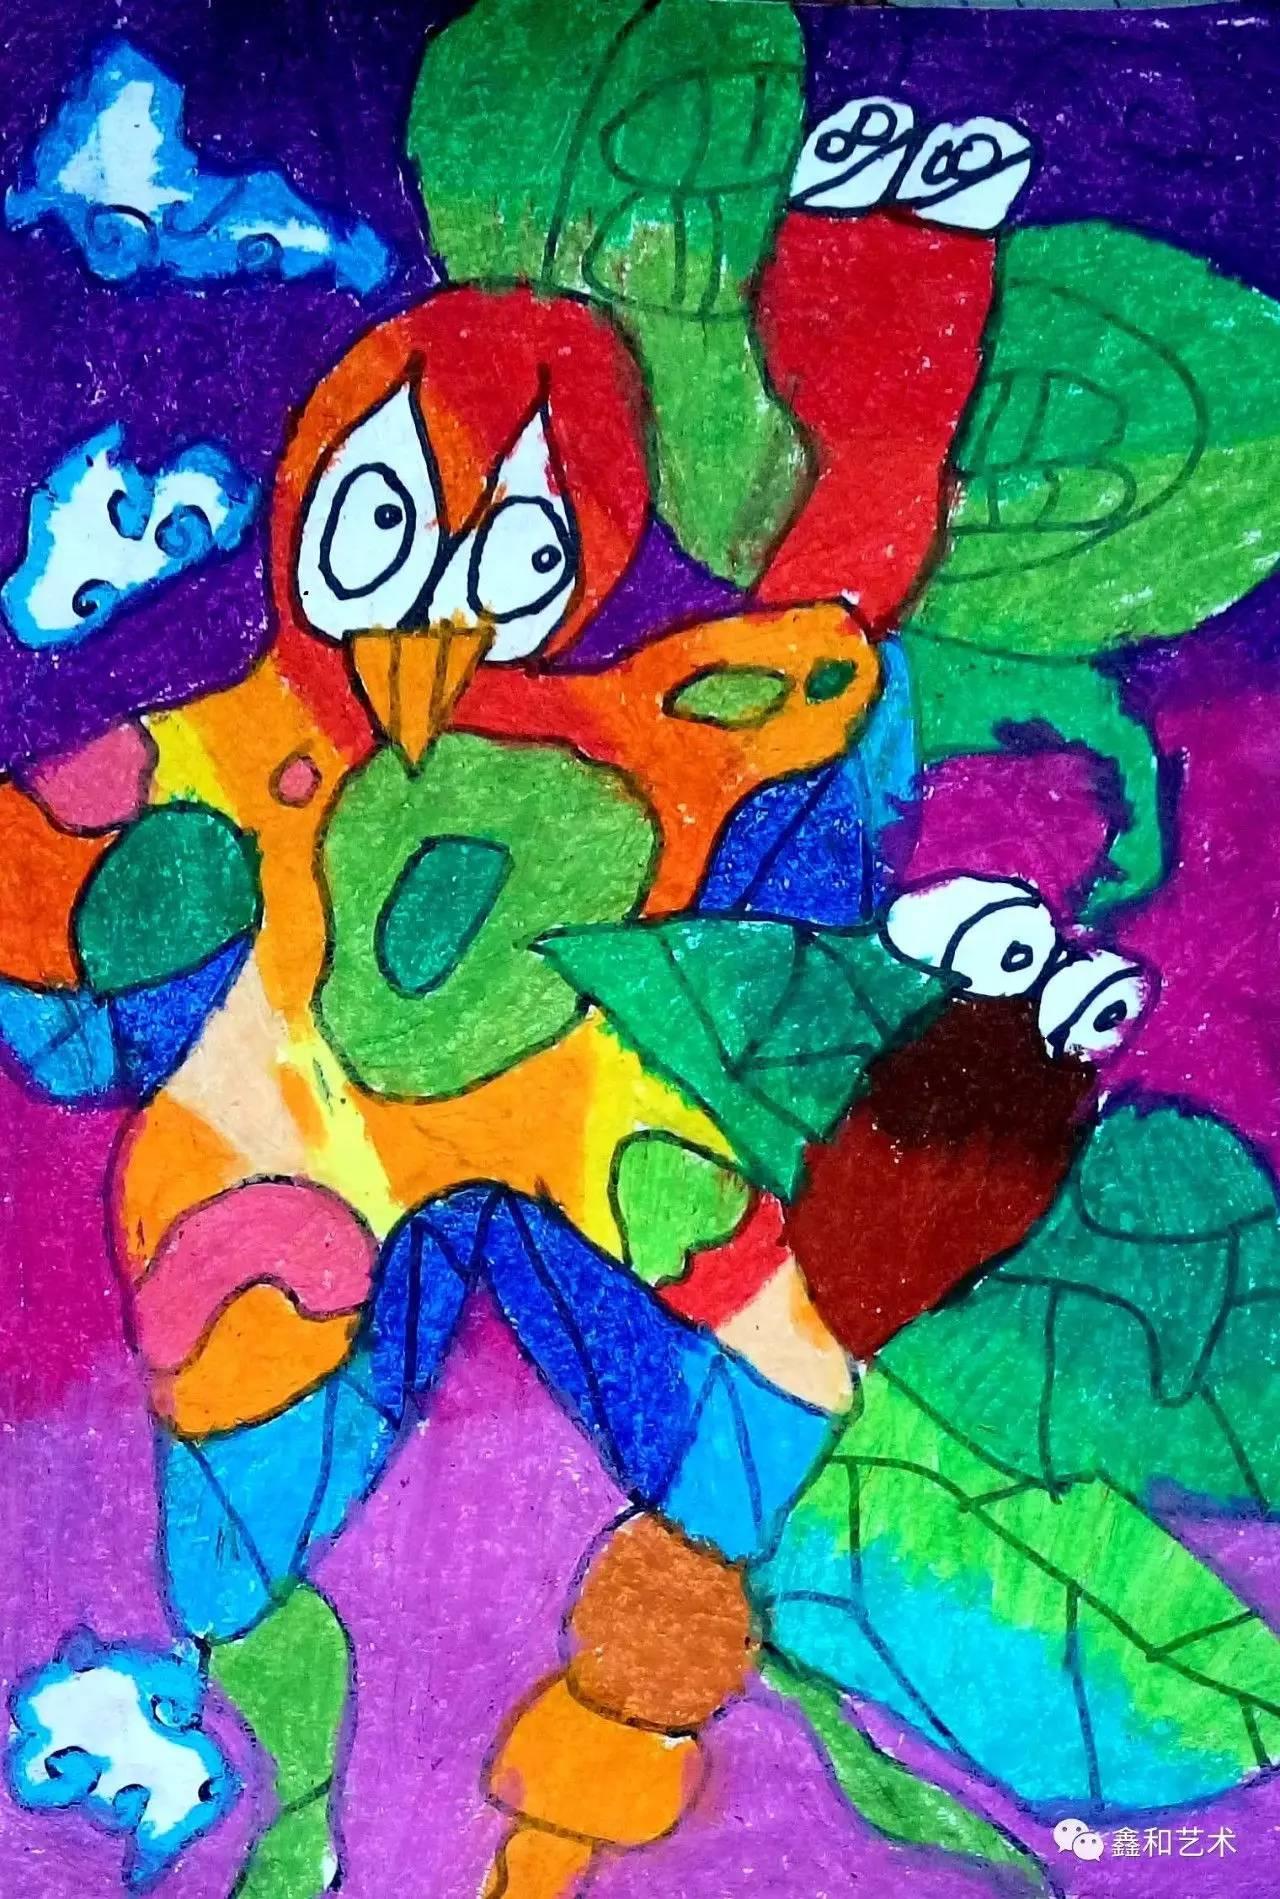 让我们一起记录孩子成长的印记   如果您的孩子也喜欢绘画,欢迎加入七九八少儿美术培训中心   童年趣事